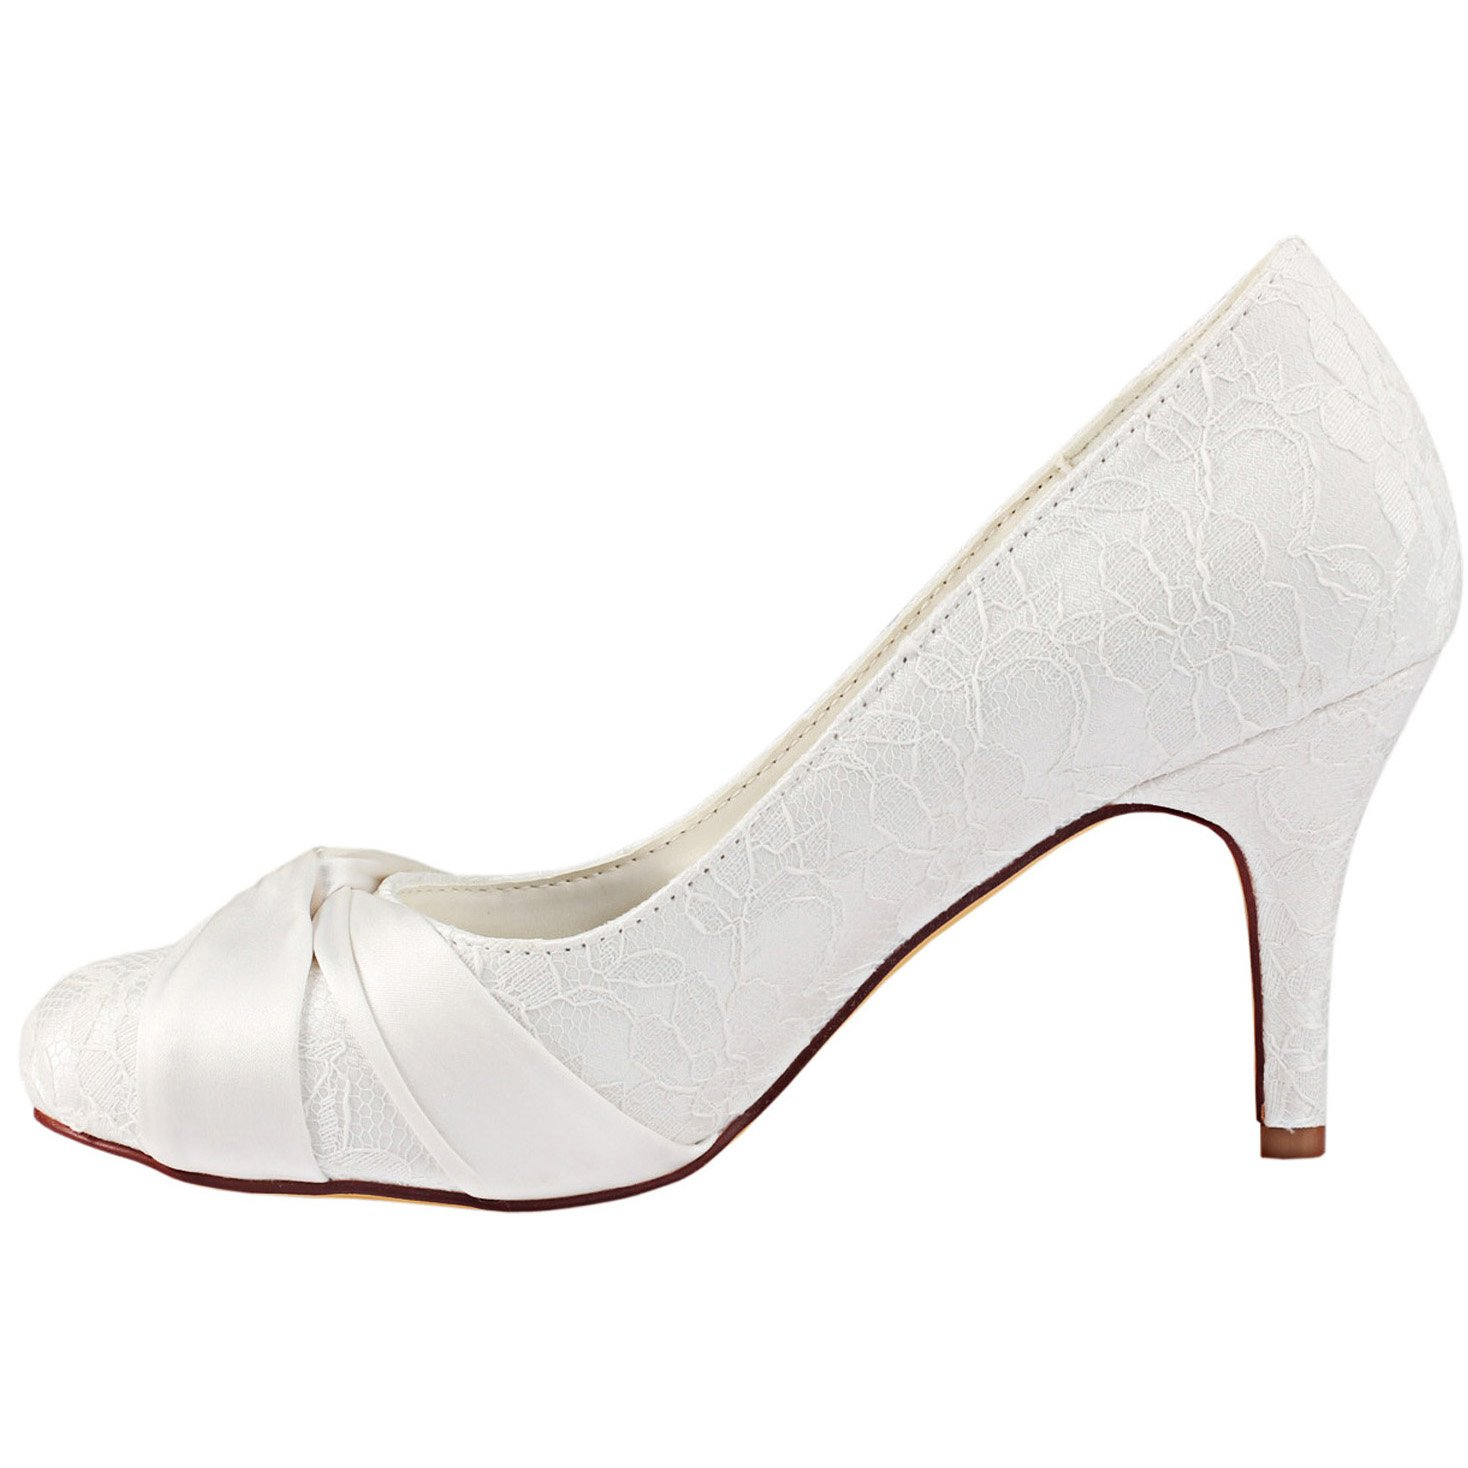 Emily Emily Emily Bridal Scarpe da Sposa Chiusura con Cinturino in Raso  bianco 52ce18